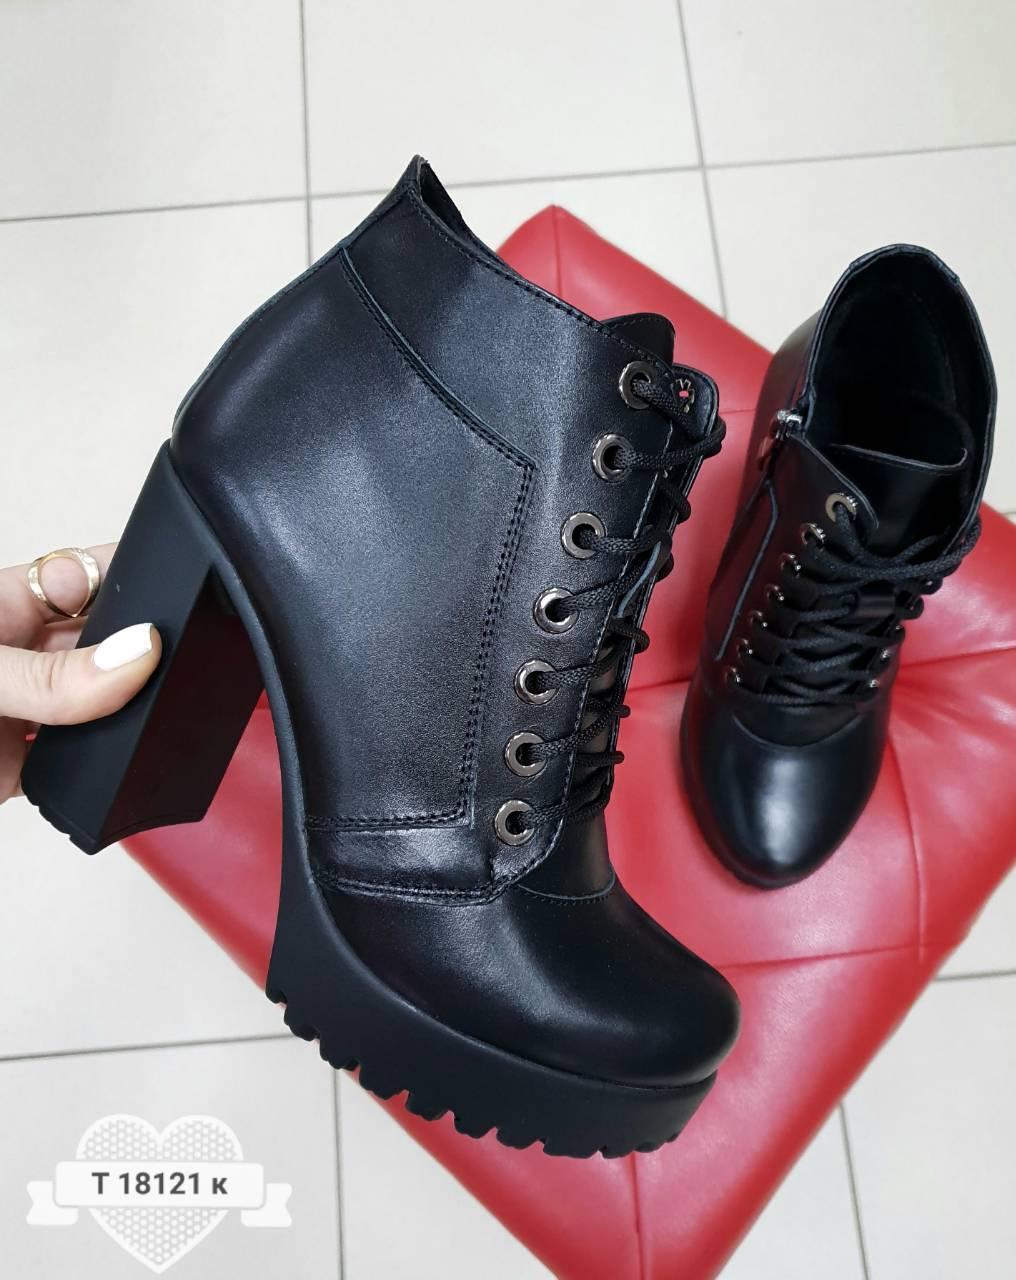 dc8c1f6e Женские стильные модные кожаные ботинки на каблуке , черные: продажа ...